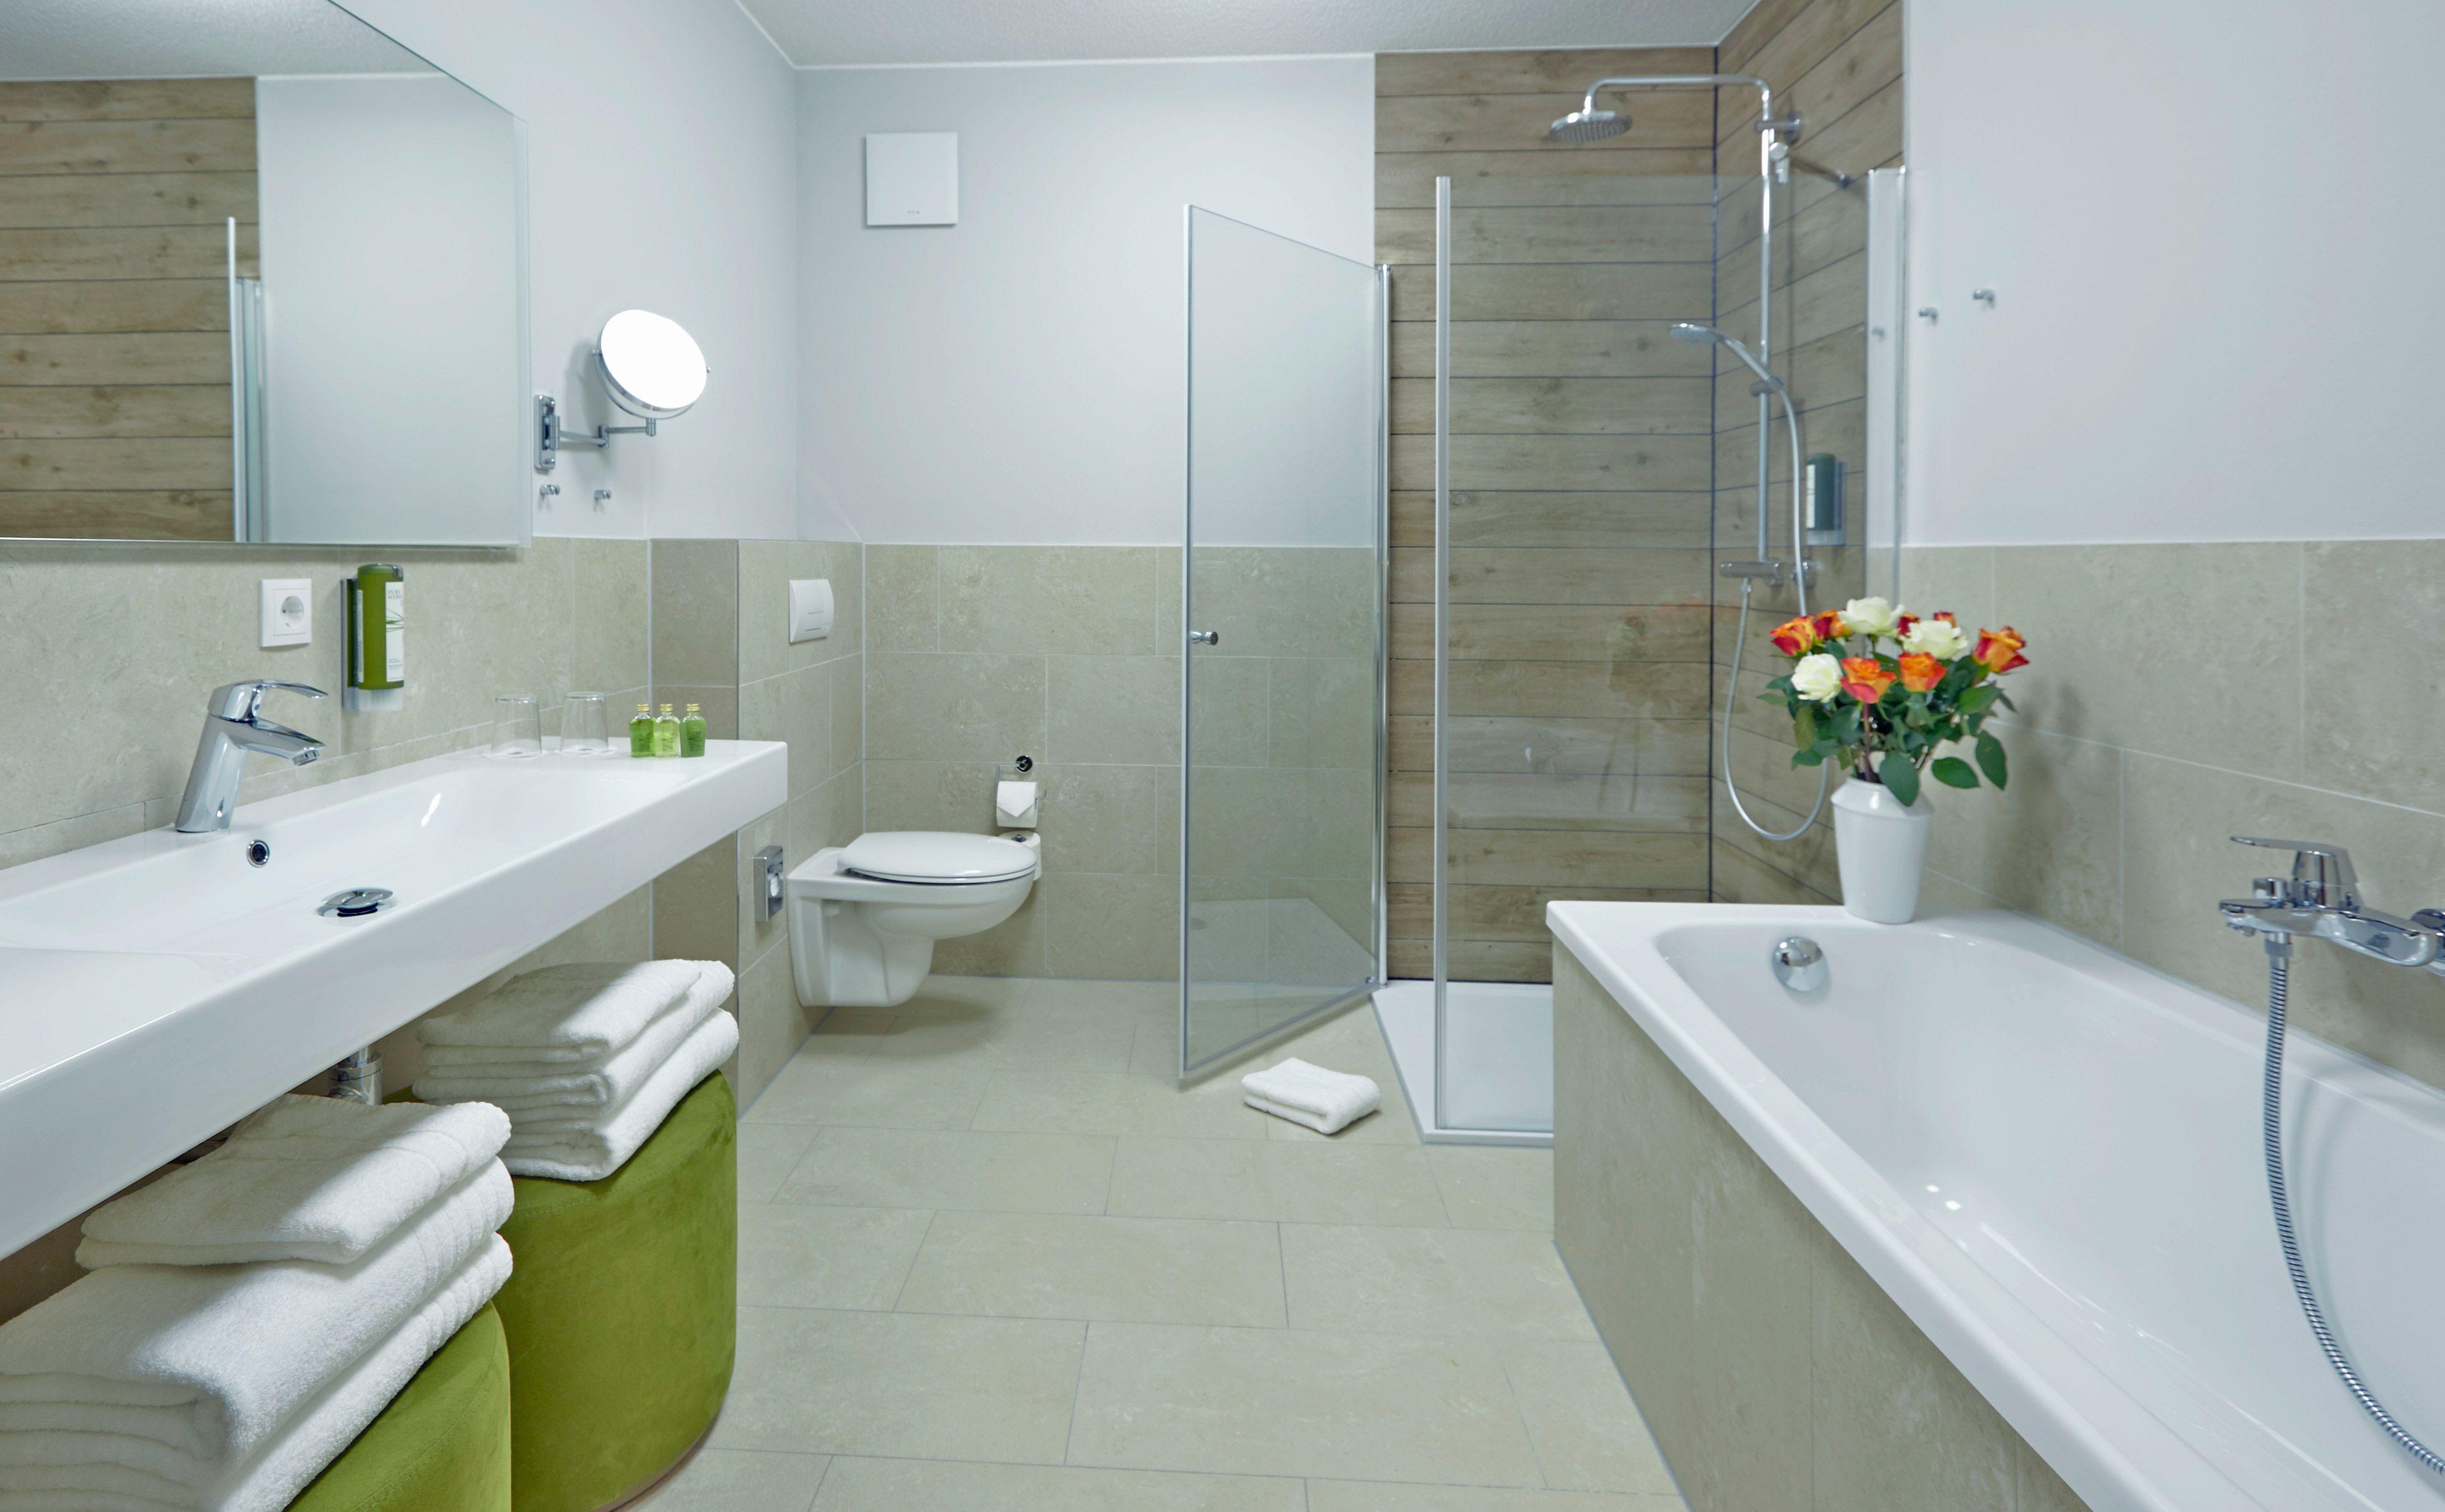 Bildergebnis für badezimmer | Badezimmer | Pinterest